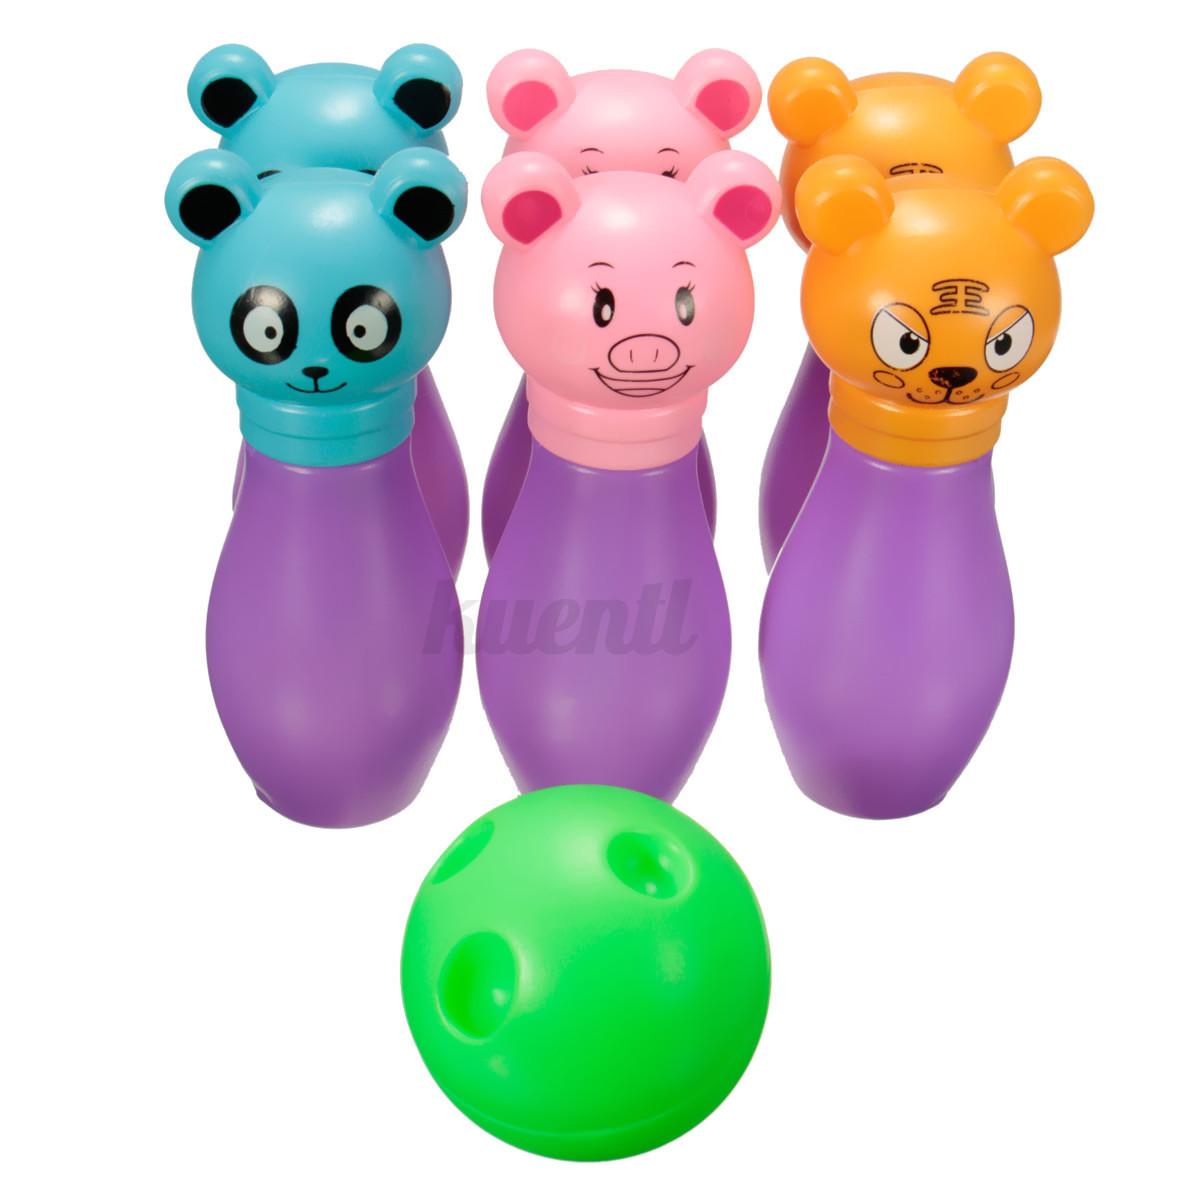 Baules de plastico para guardar juguetes sharemedoc - Baules infantiles para guardar juguetes ...